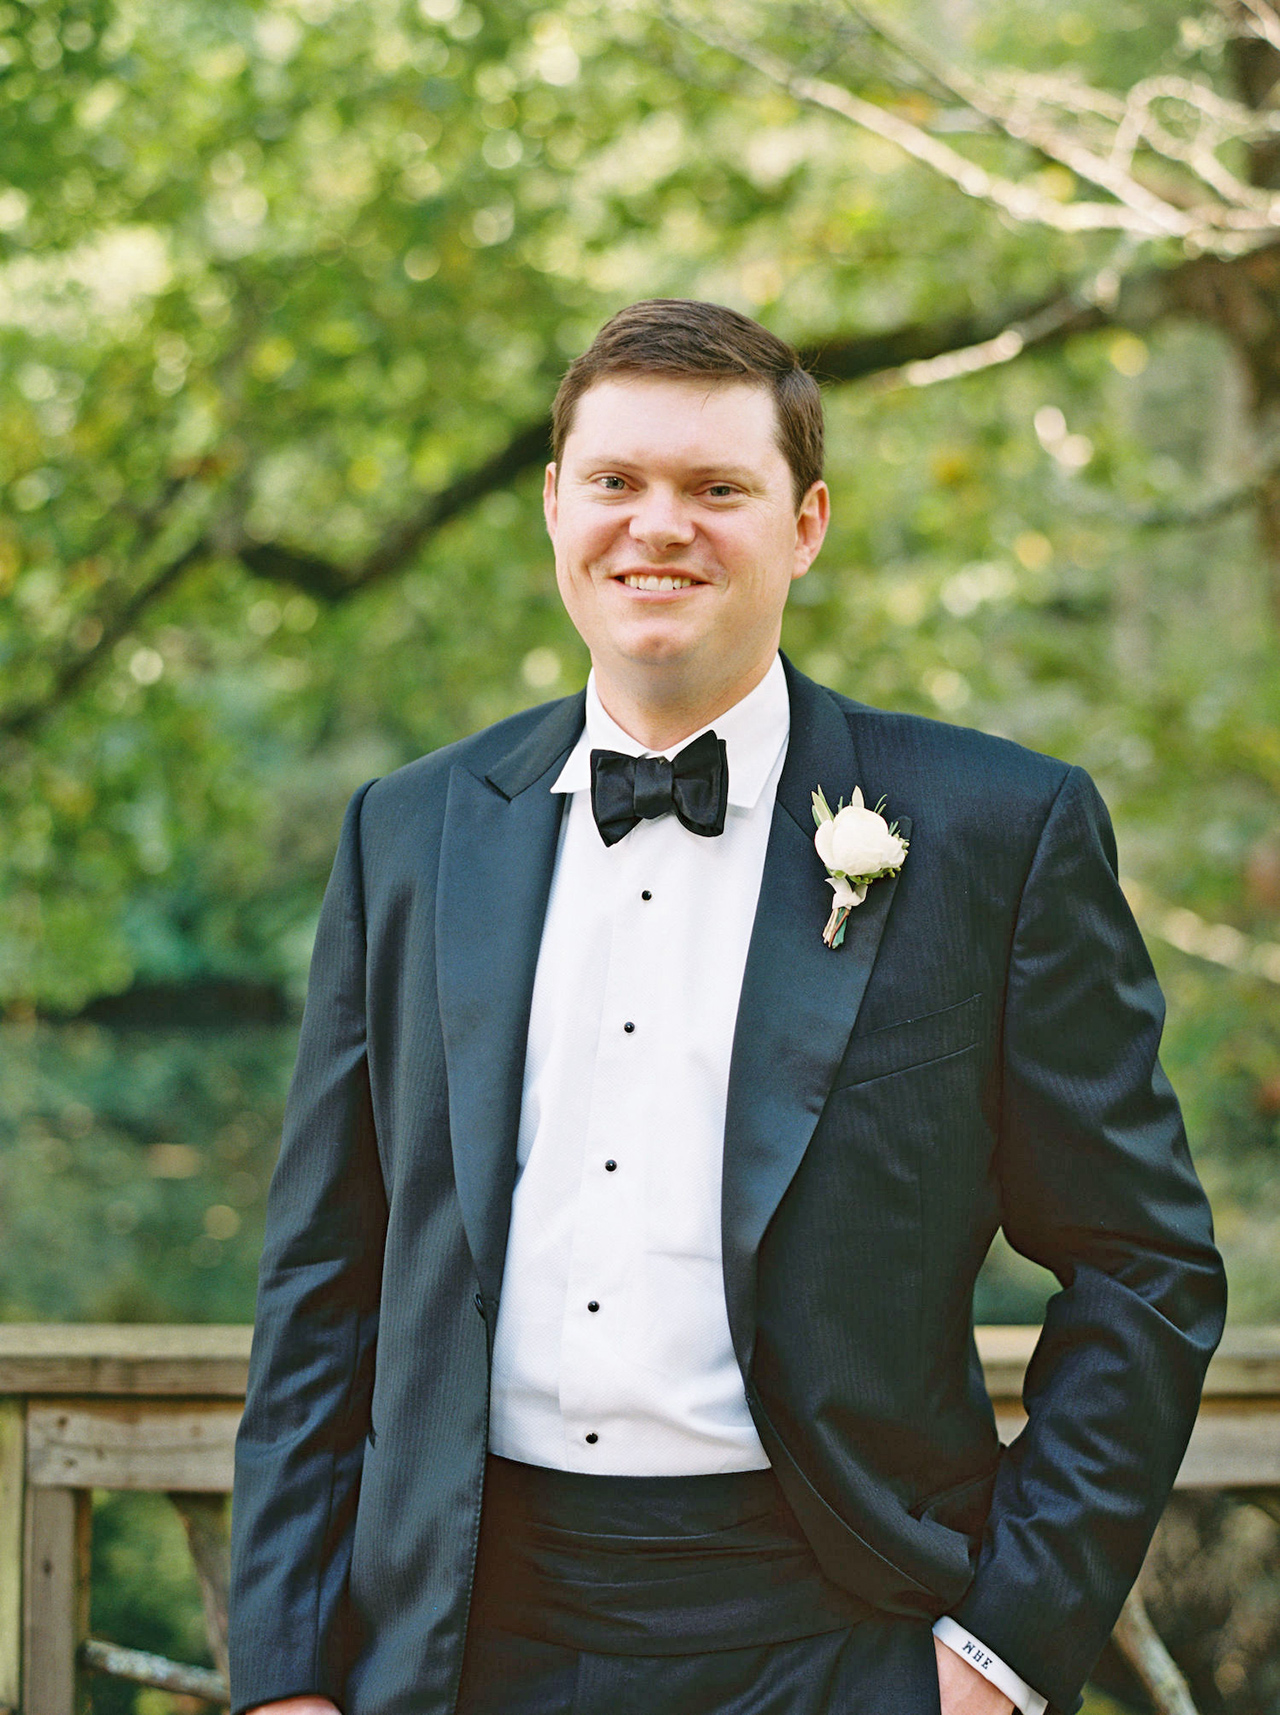 kathleen henry wedding groom